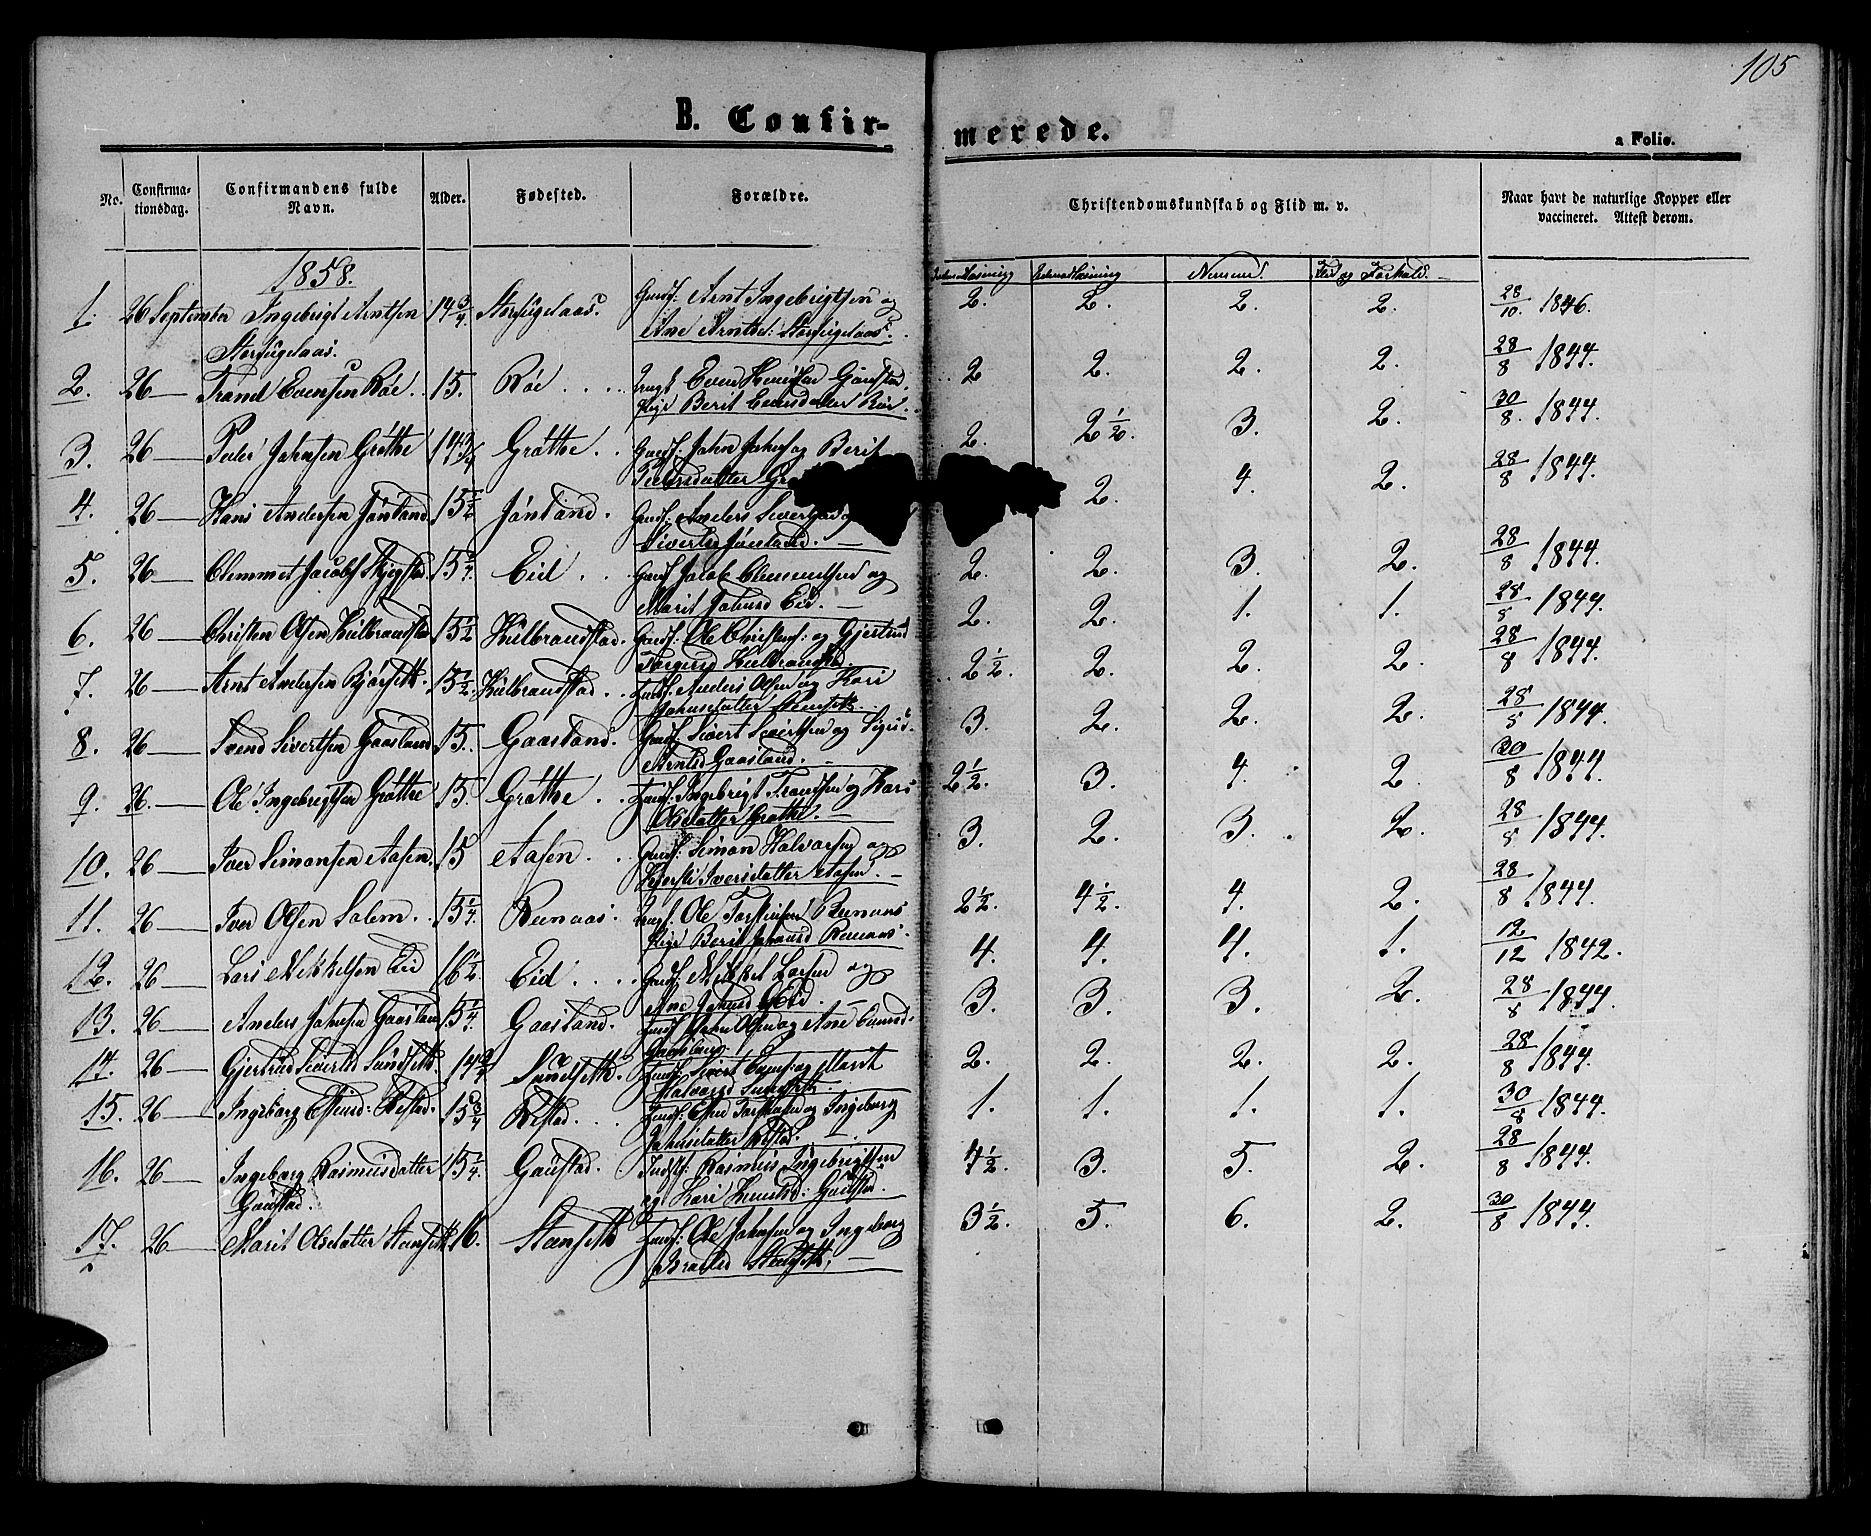 SAT, Ministerialprotokoller, klokkerbøker og fødselsregistre - Sør-Trøndelag, 694/L1131: Klokkerbok nr. 694C03, 1858-1886, s. 105